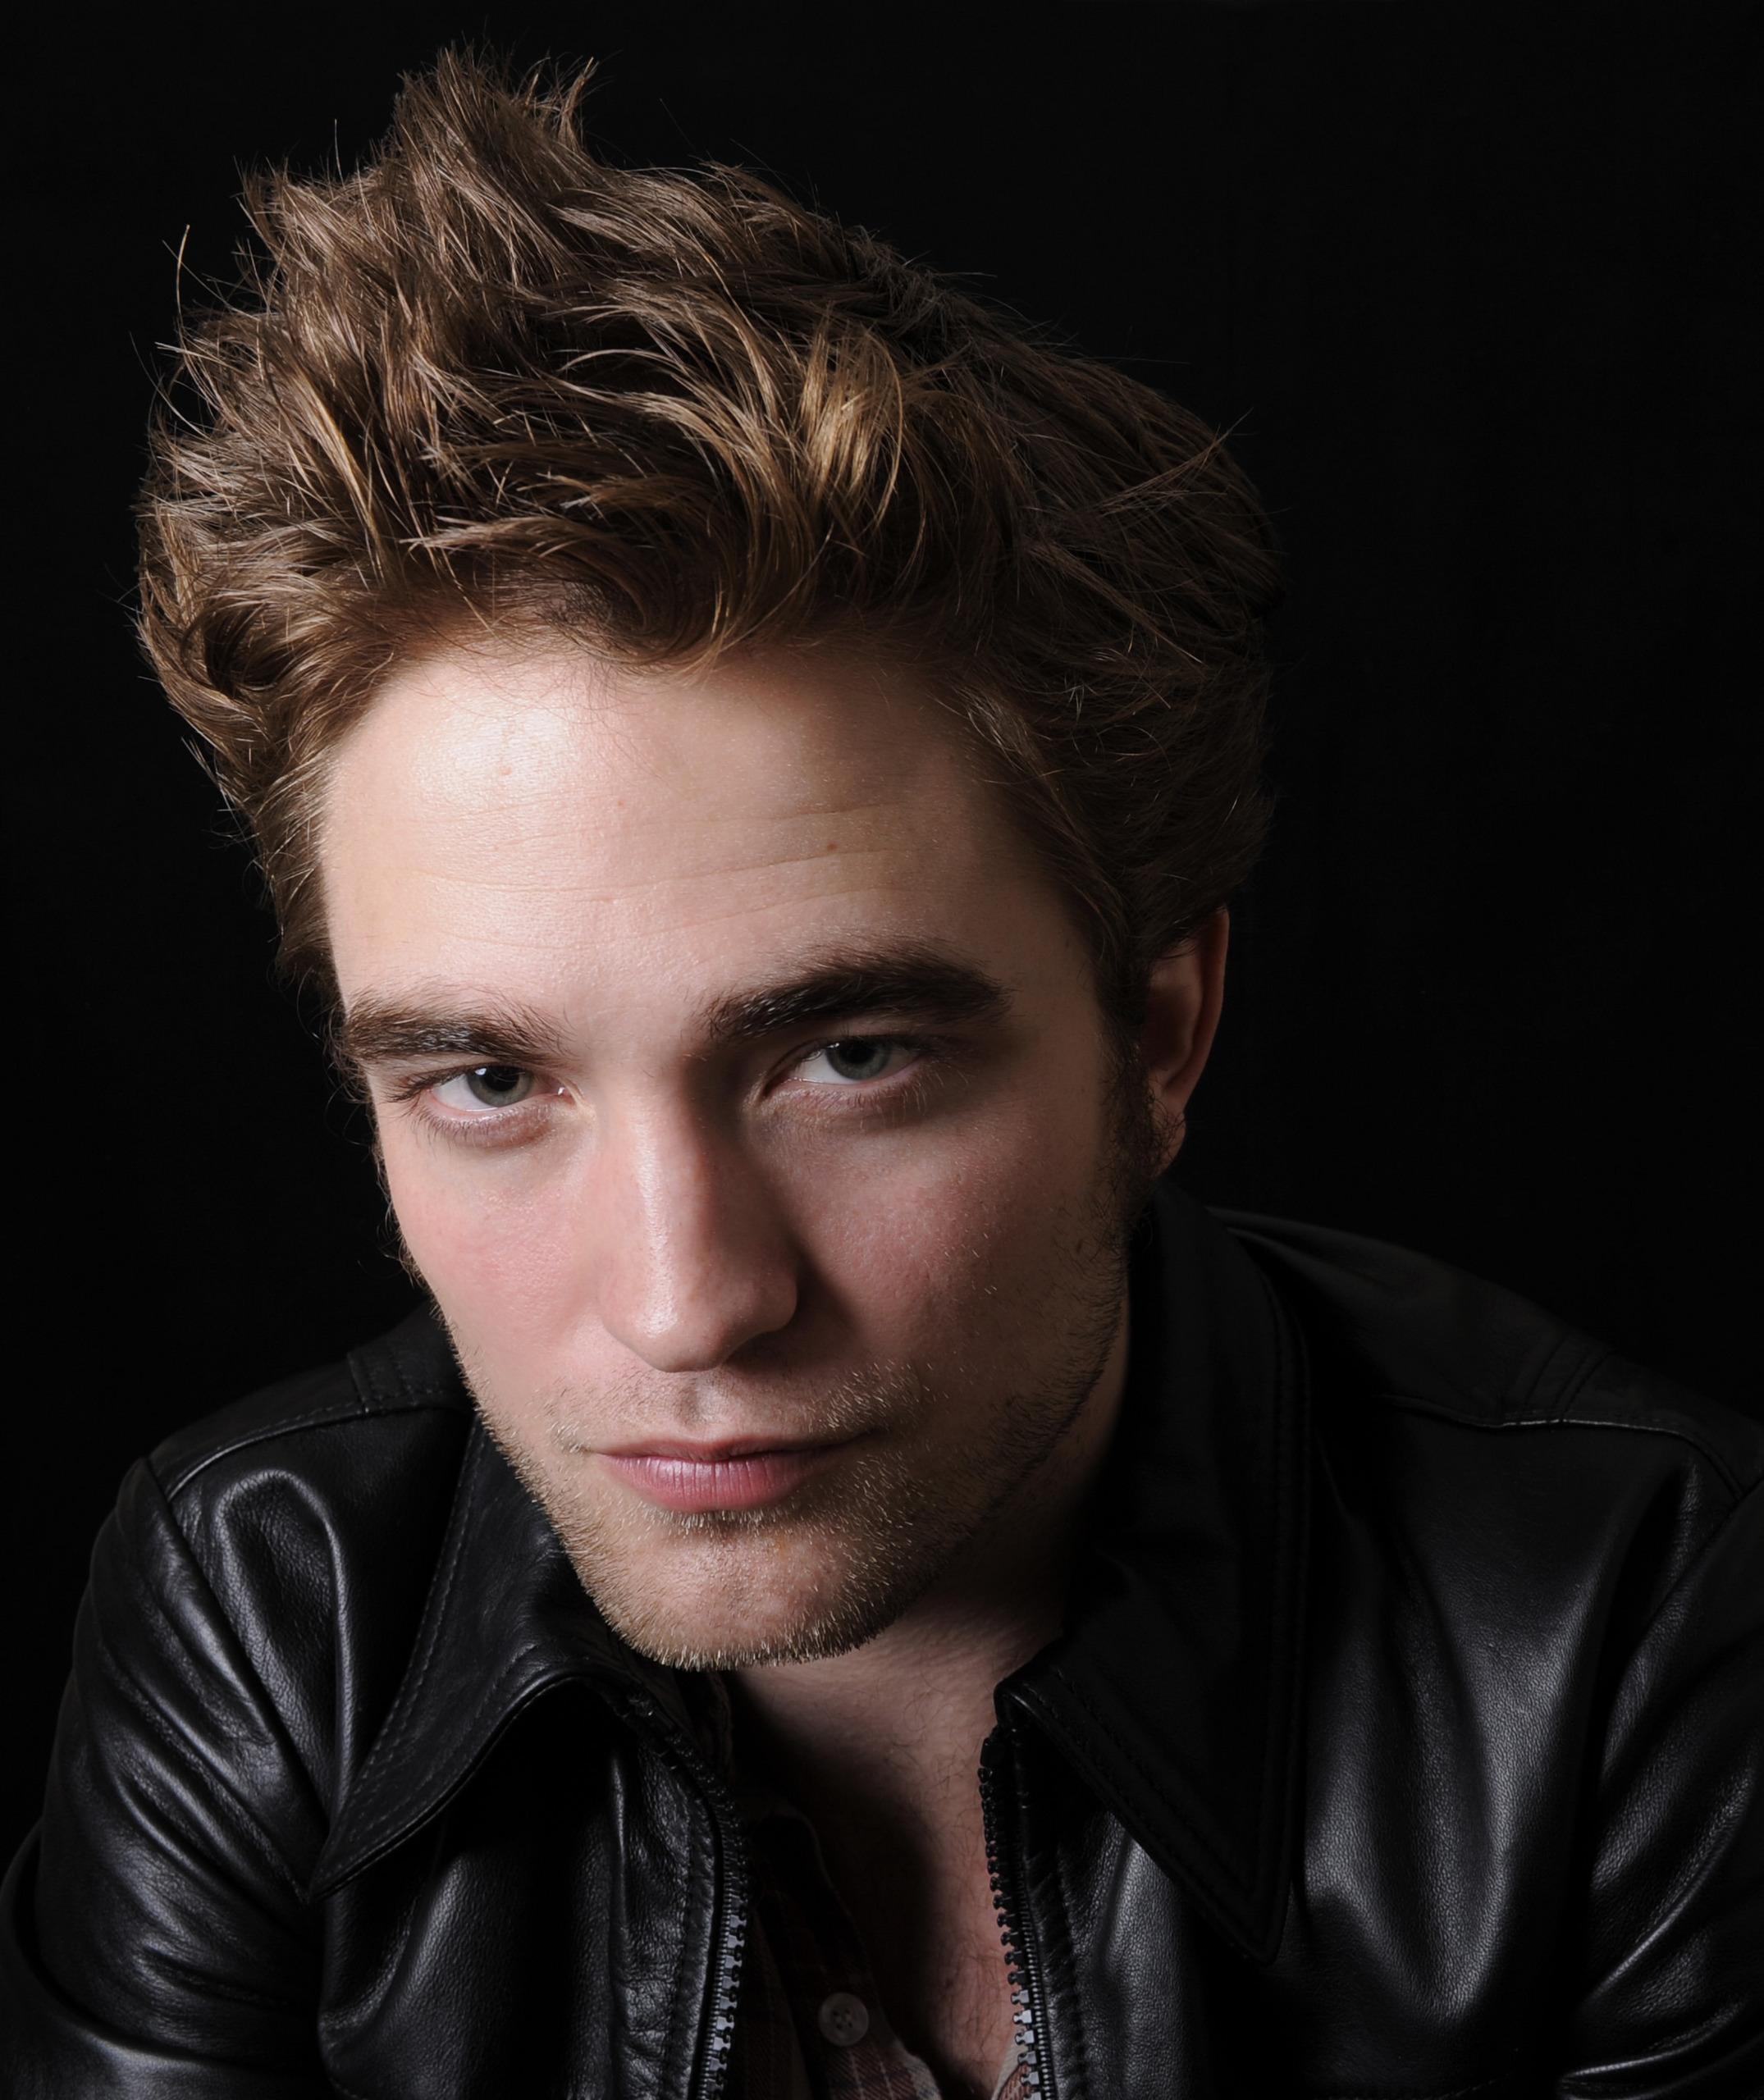 *New* Robert Pattinson HQ Pics